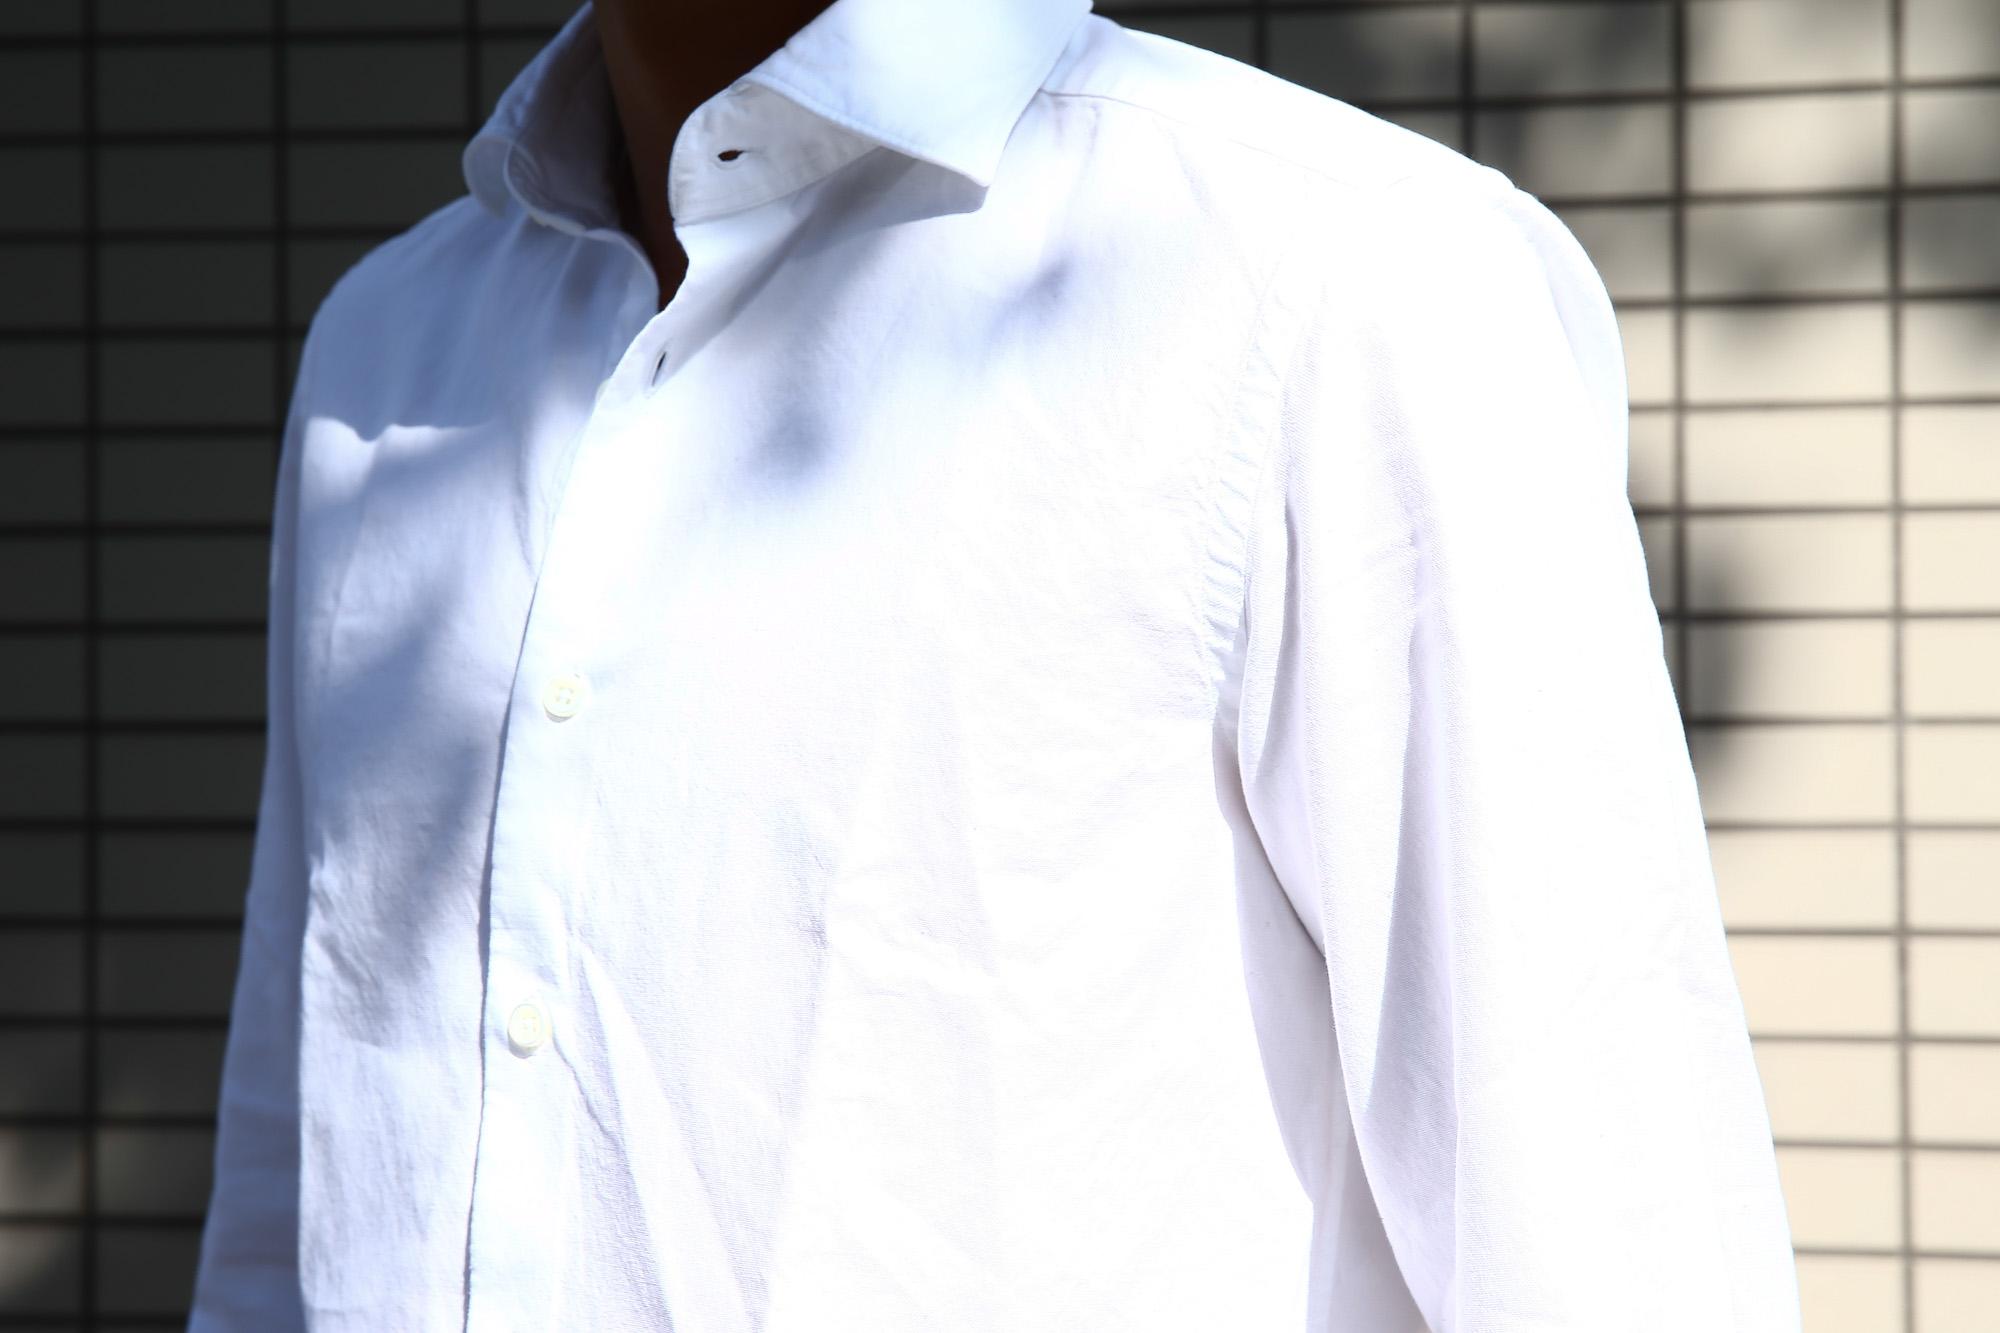 Glanshirt (グランシャツ) JWEEN G6971 OXFORD COTTON 100% オックスフォードシャツ WHITE (ホワイト・001) MADE IN ITALY(イタリア製) 2016 秋冬新作 のコーディネート画像。 愛知 名古屋ZODIAC ゾディアック シャツ 白シャツ 36,37,38,39,40,41